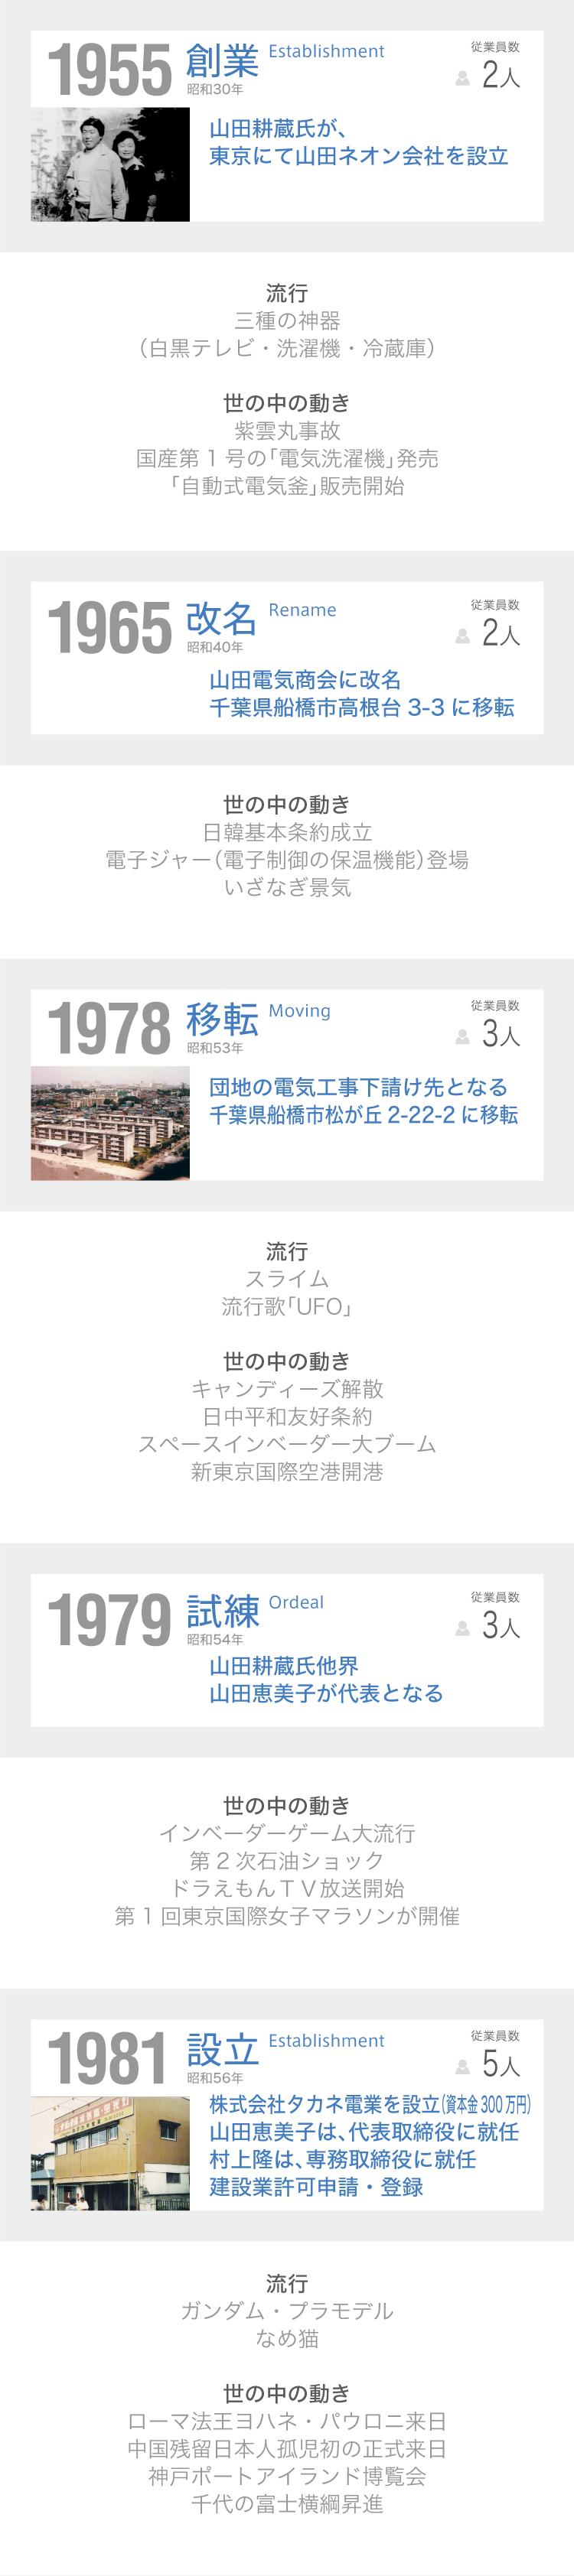 タカネ電業HISTORY年表